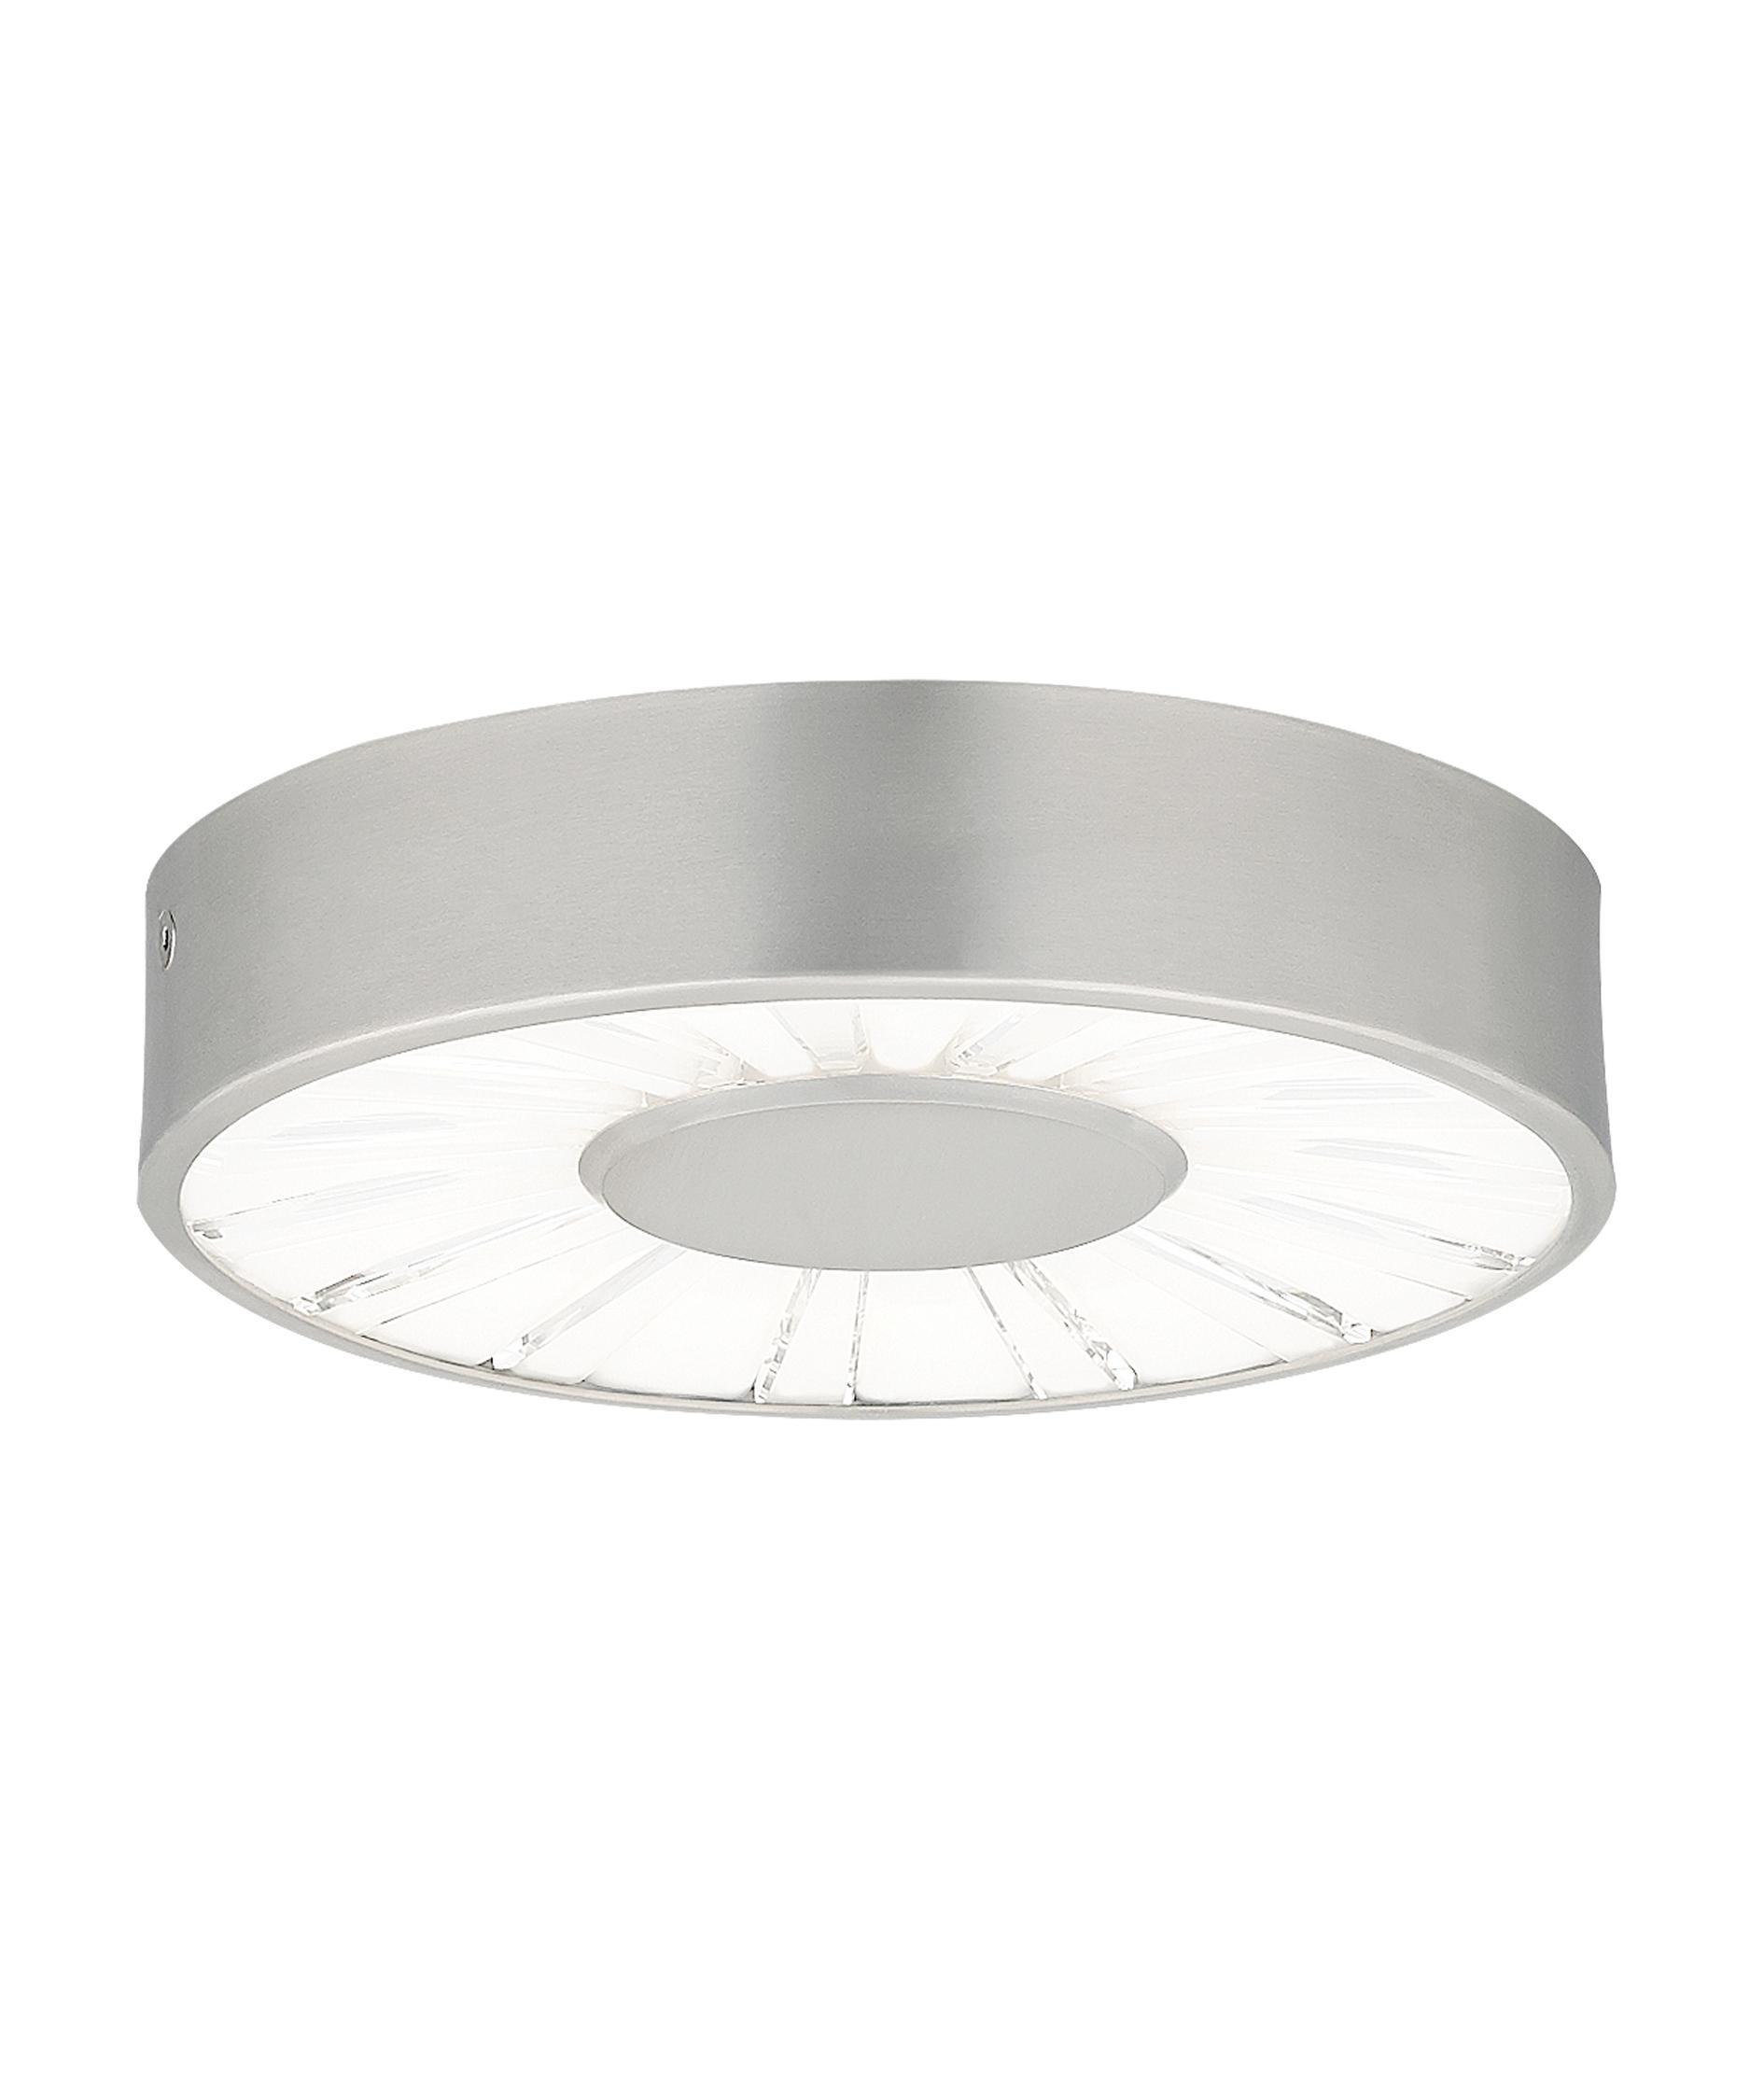 tech lighting 700fmkals kalido 8 inch wide flush mount capitol lighting - Flush Mount Ceiling Fans